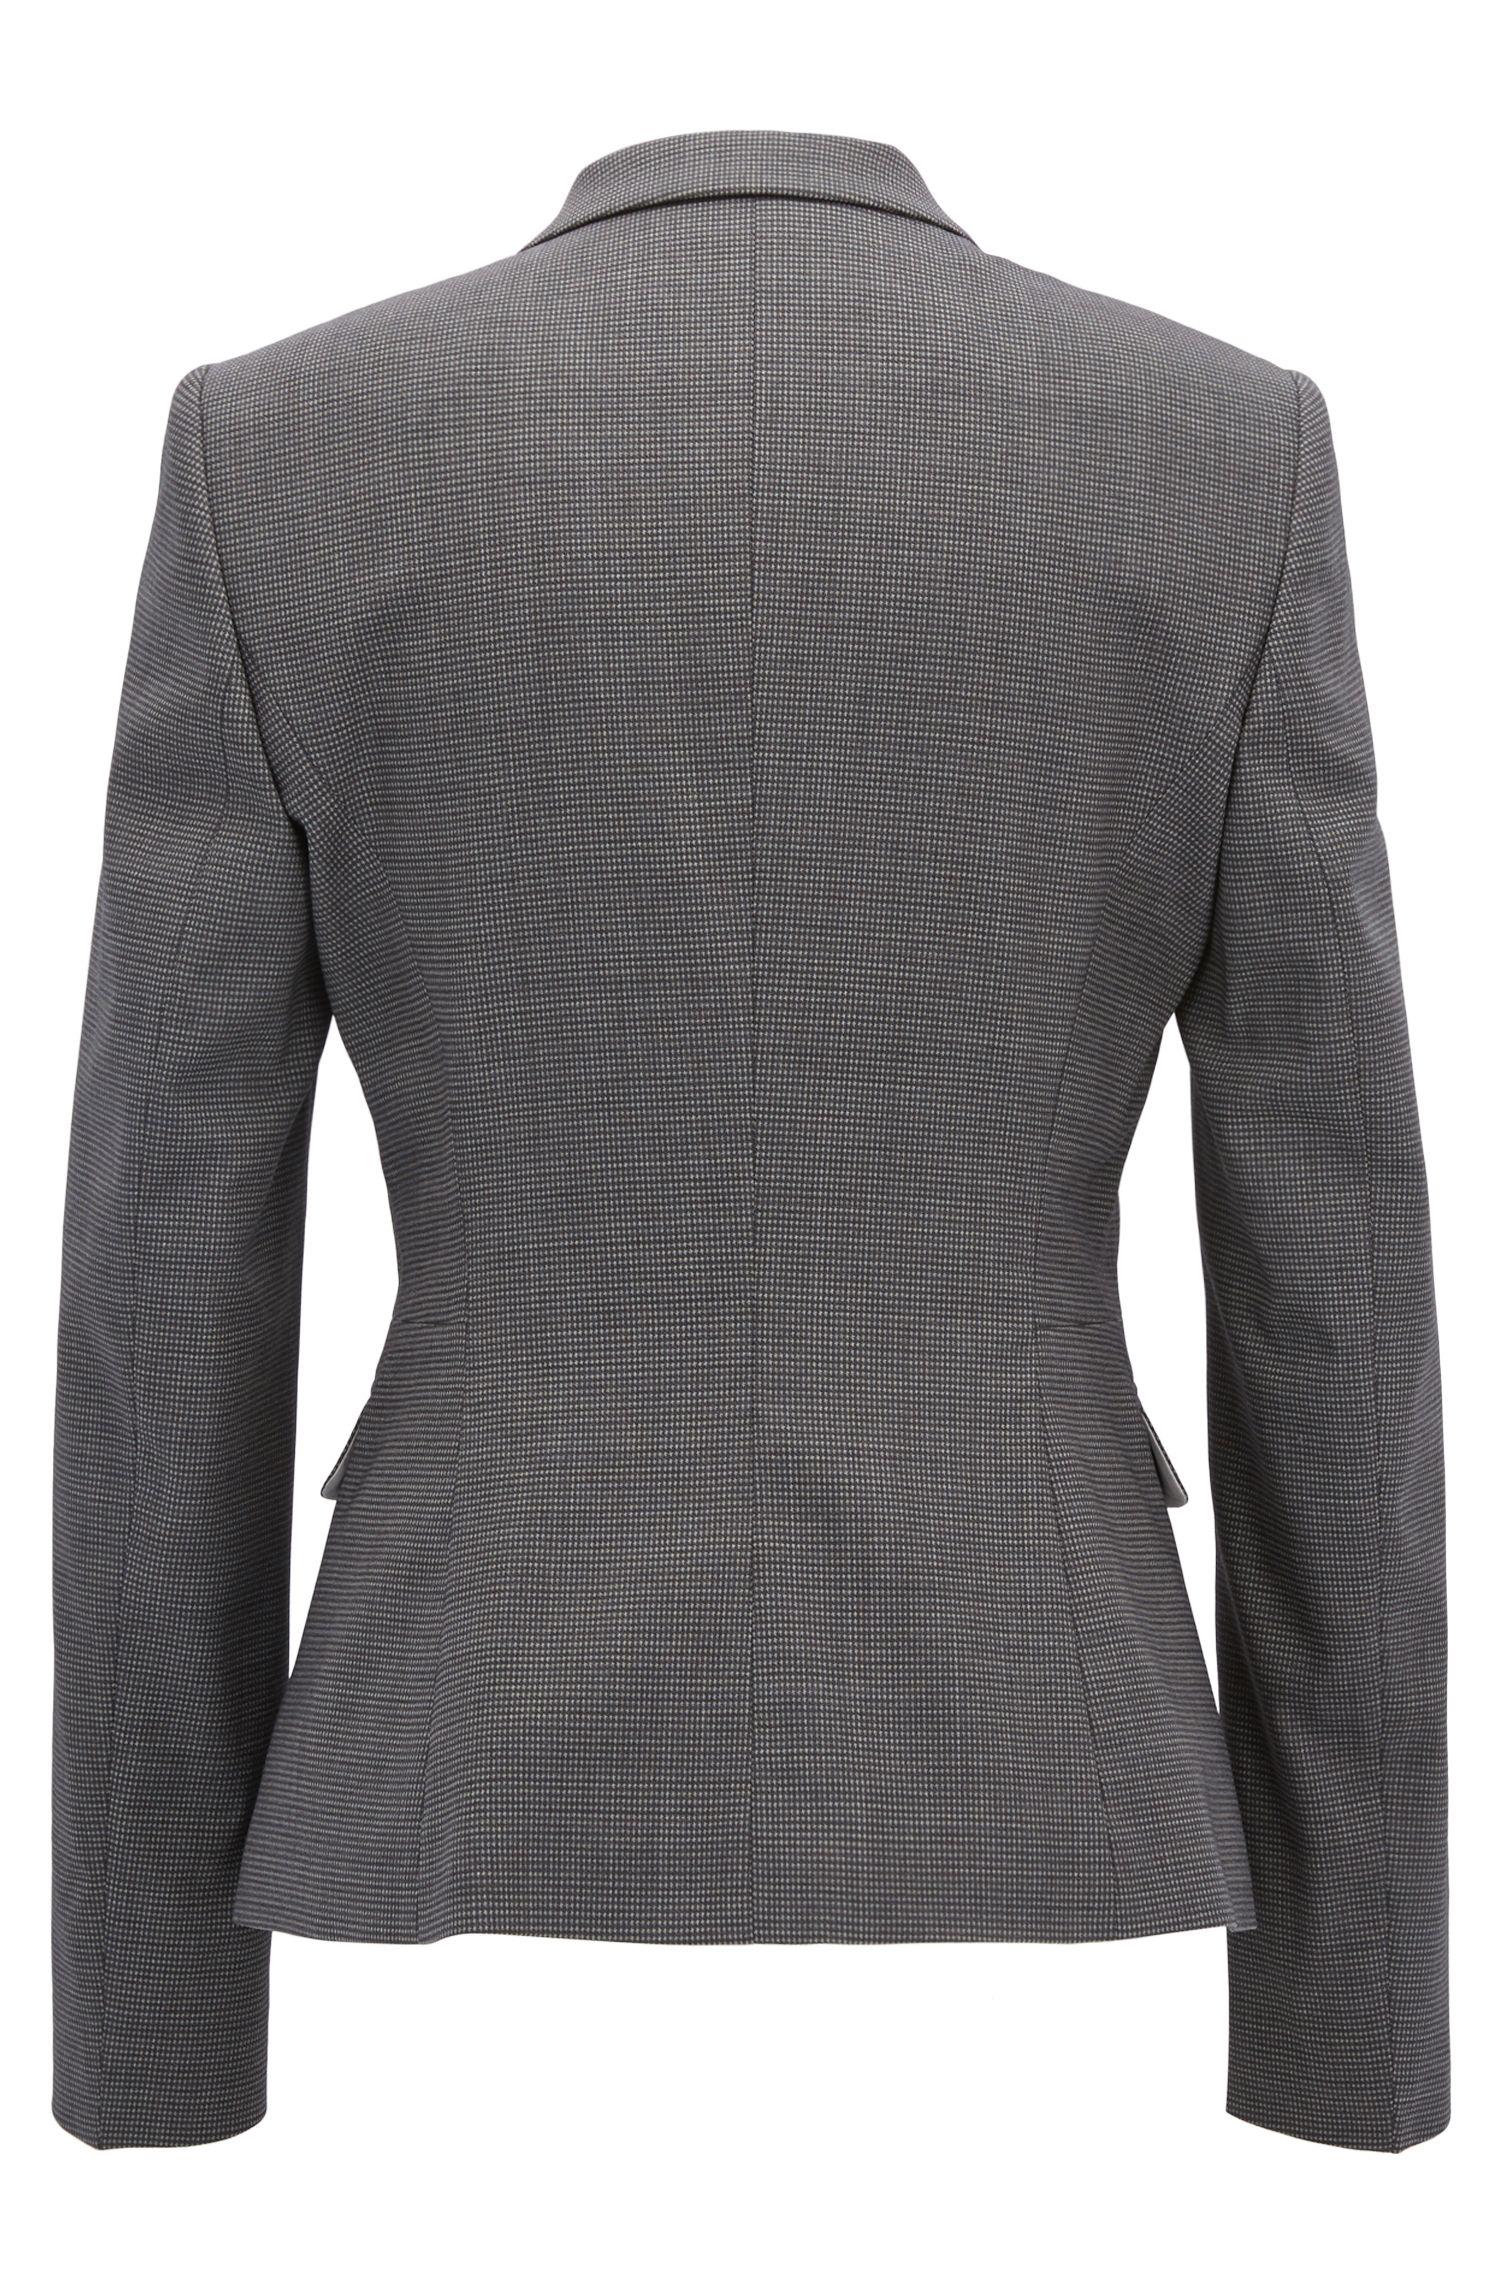 Giacca regular fit in lana elasticizzata a disegni